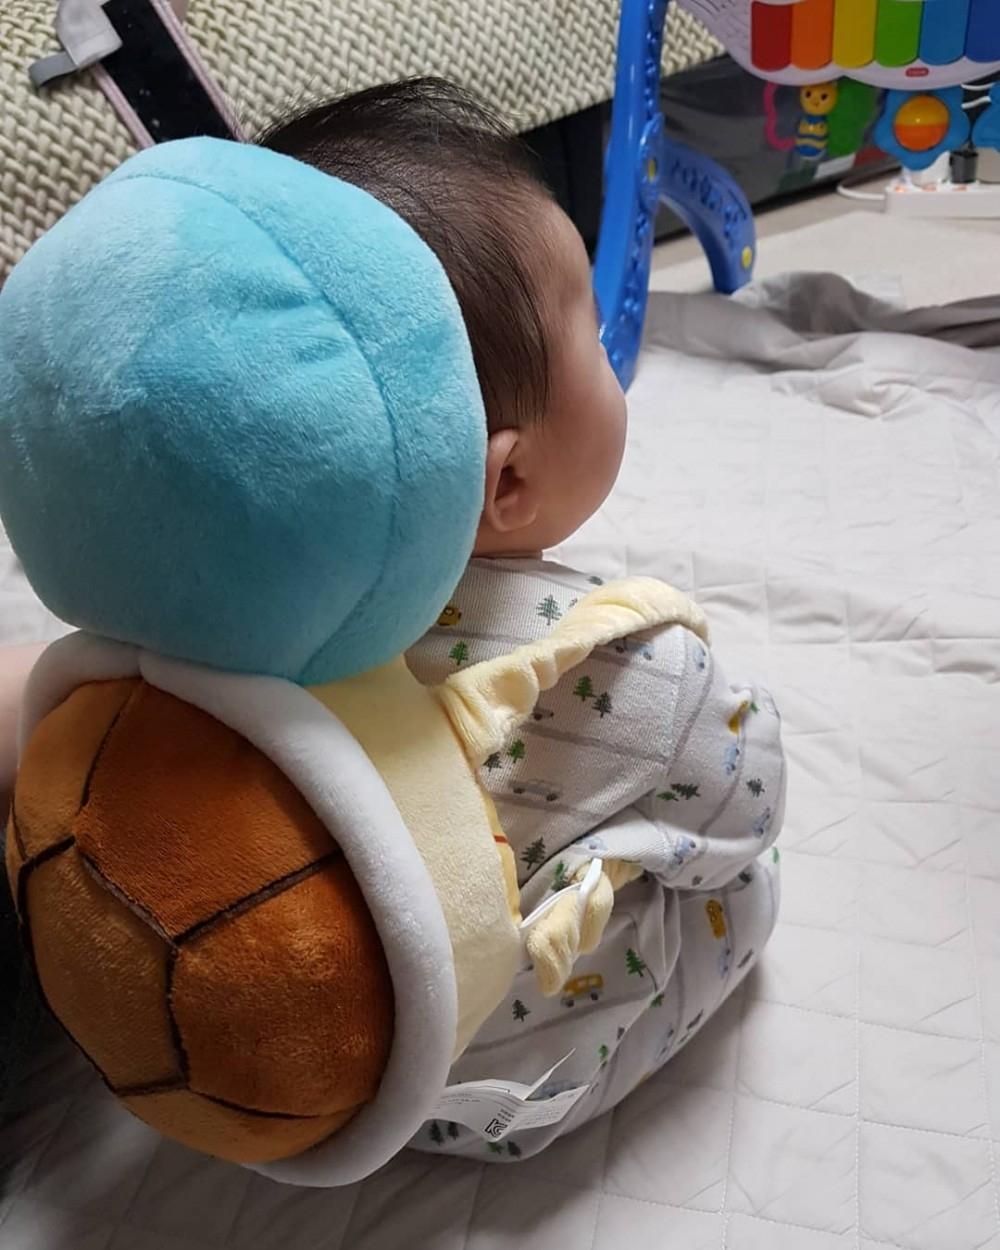 家裡養了寶可夢?寶寶用「傑尼龜防護枕」萌到少女也瘋搶 小小隻背影超療癒❤